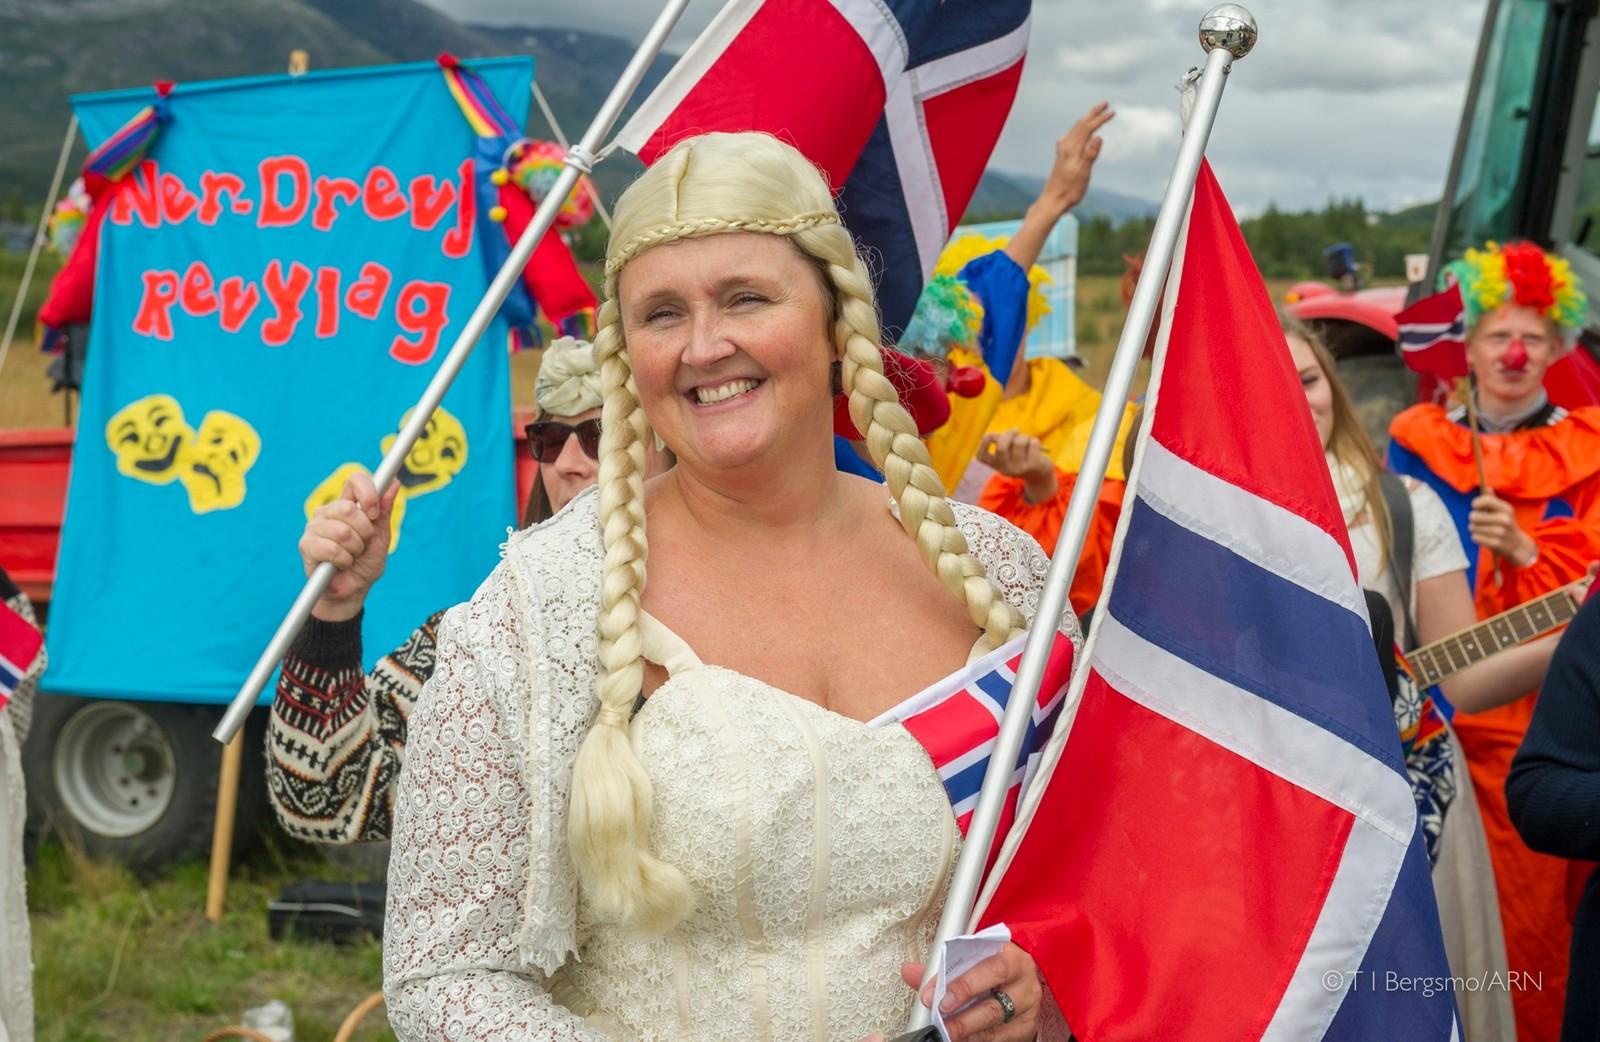 Sprek bekledning for å heie frem de norske utøverne.